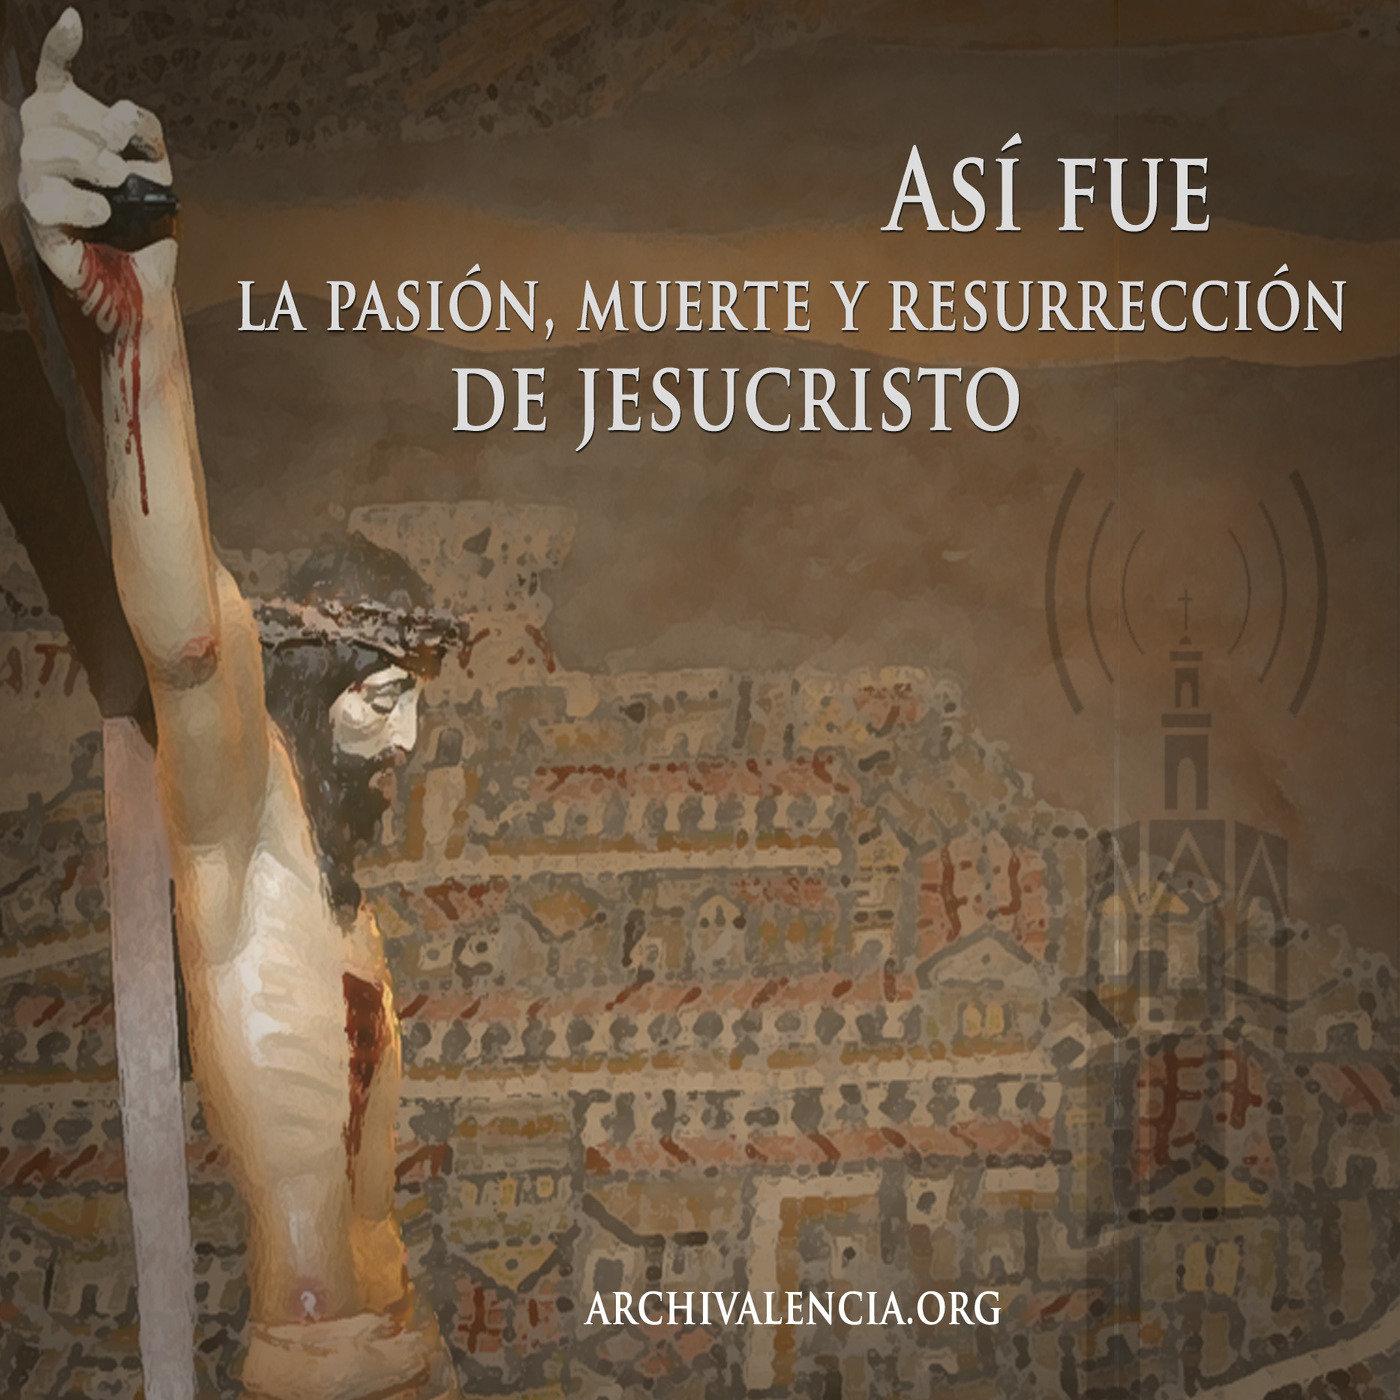 <![CDATA[Así fue la pasión, muerte y resurrección]]>